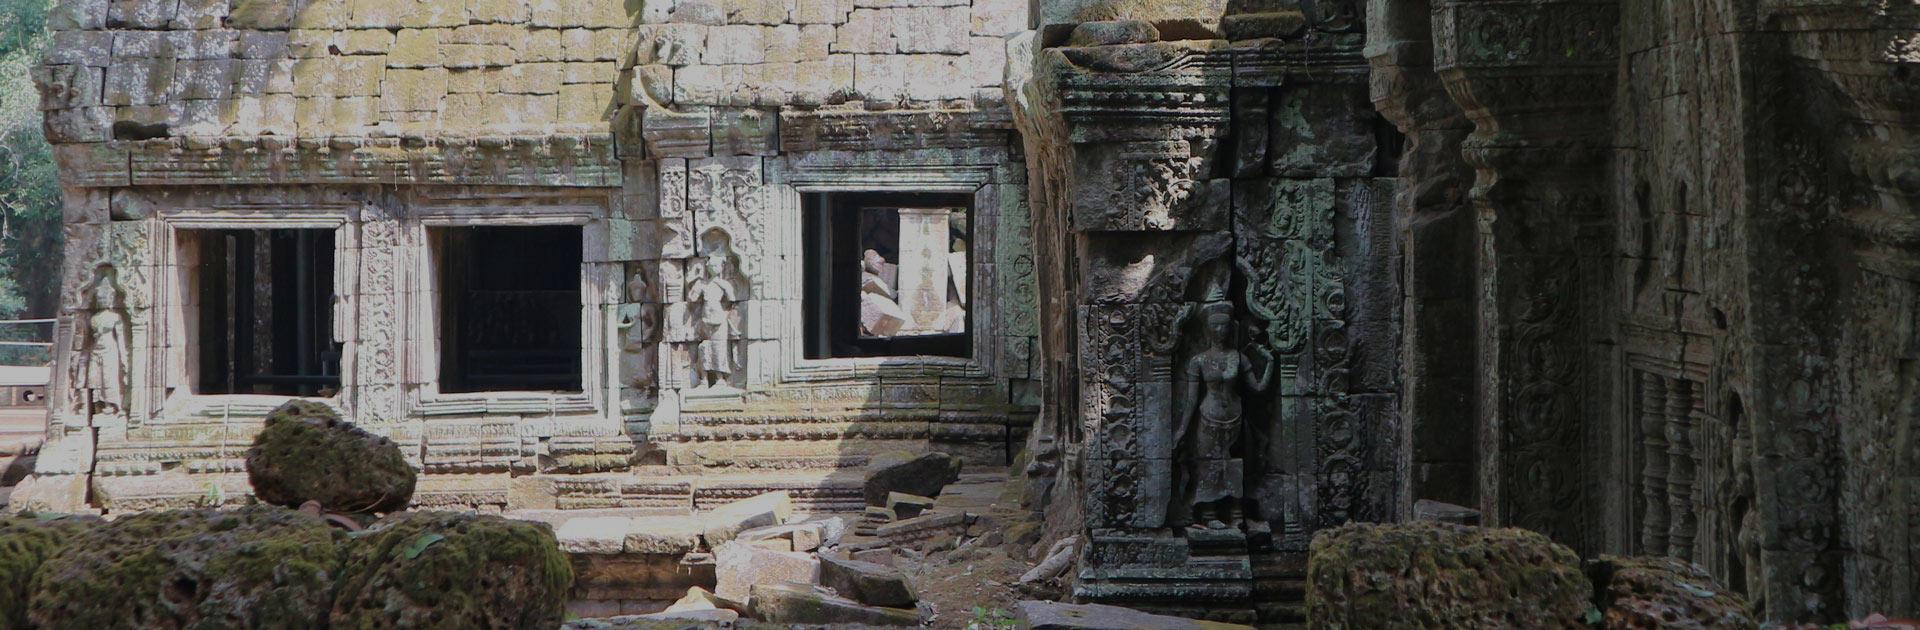 KHVN Vietnam y Camboya por el Mekong 17 días 4